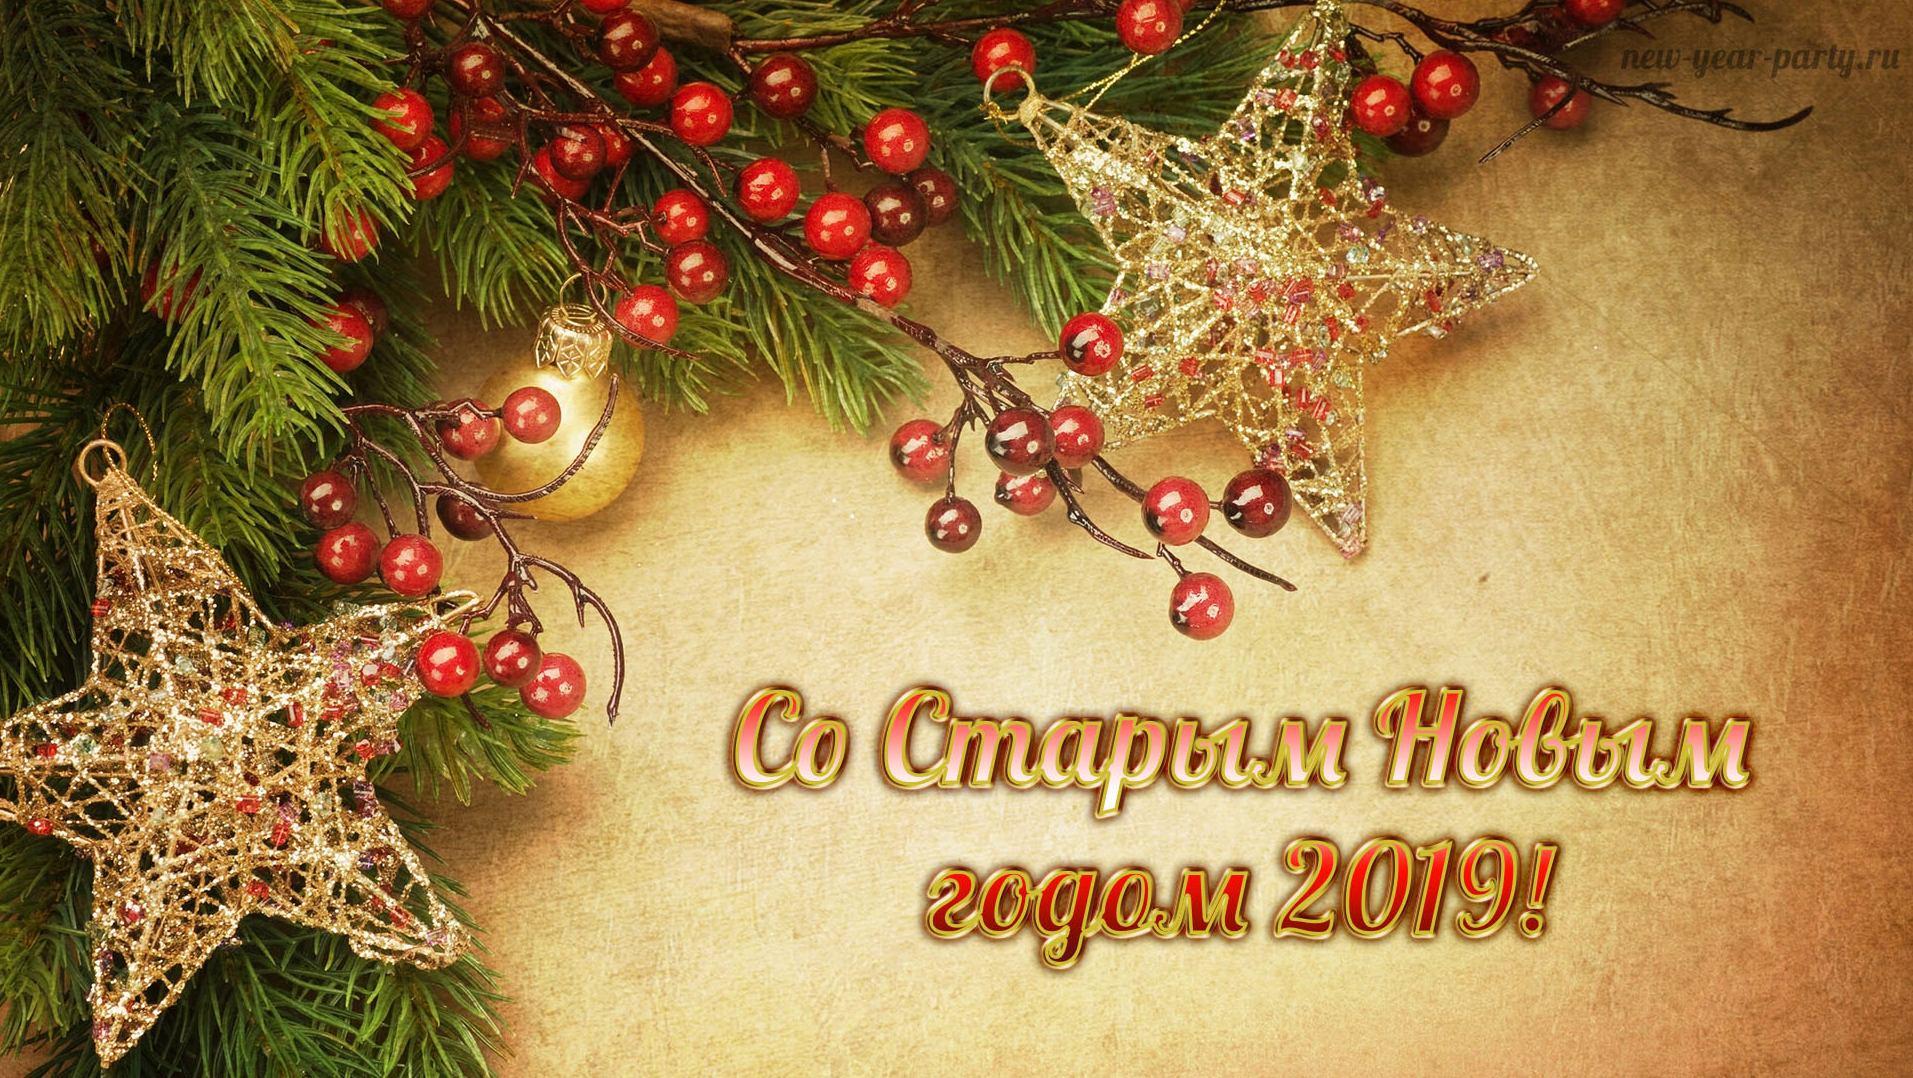 Notte tra il 13 e 14 gennaio. Capodanno Vecchio